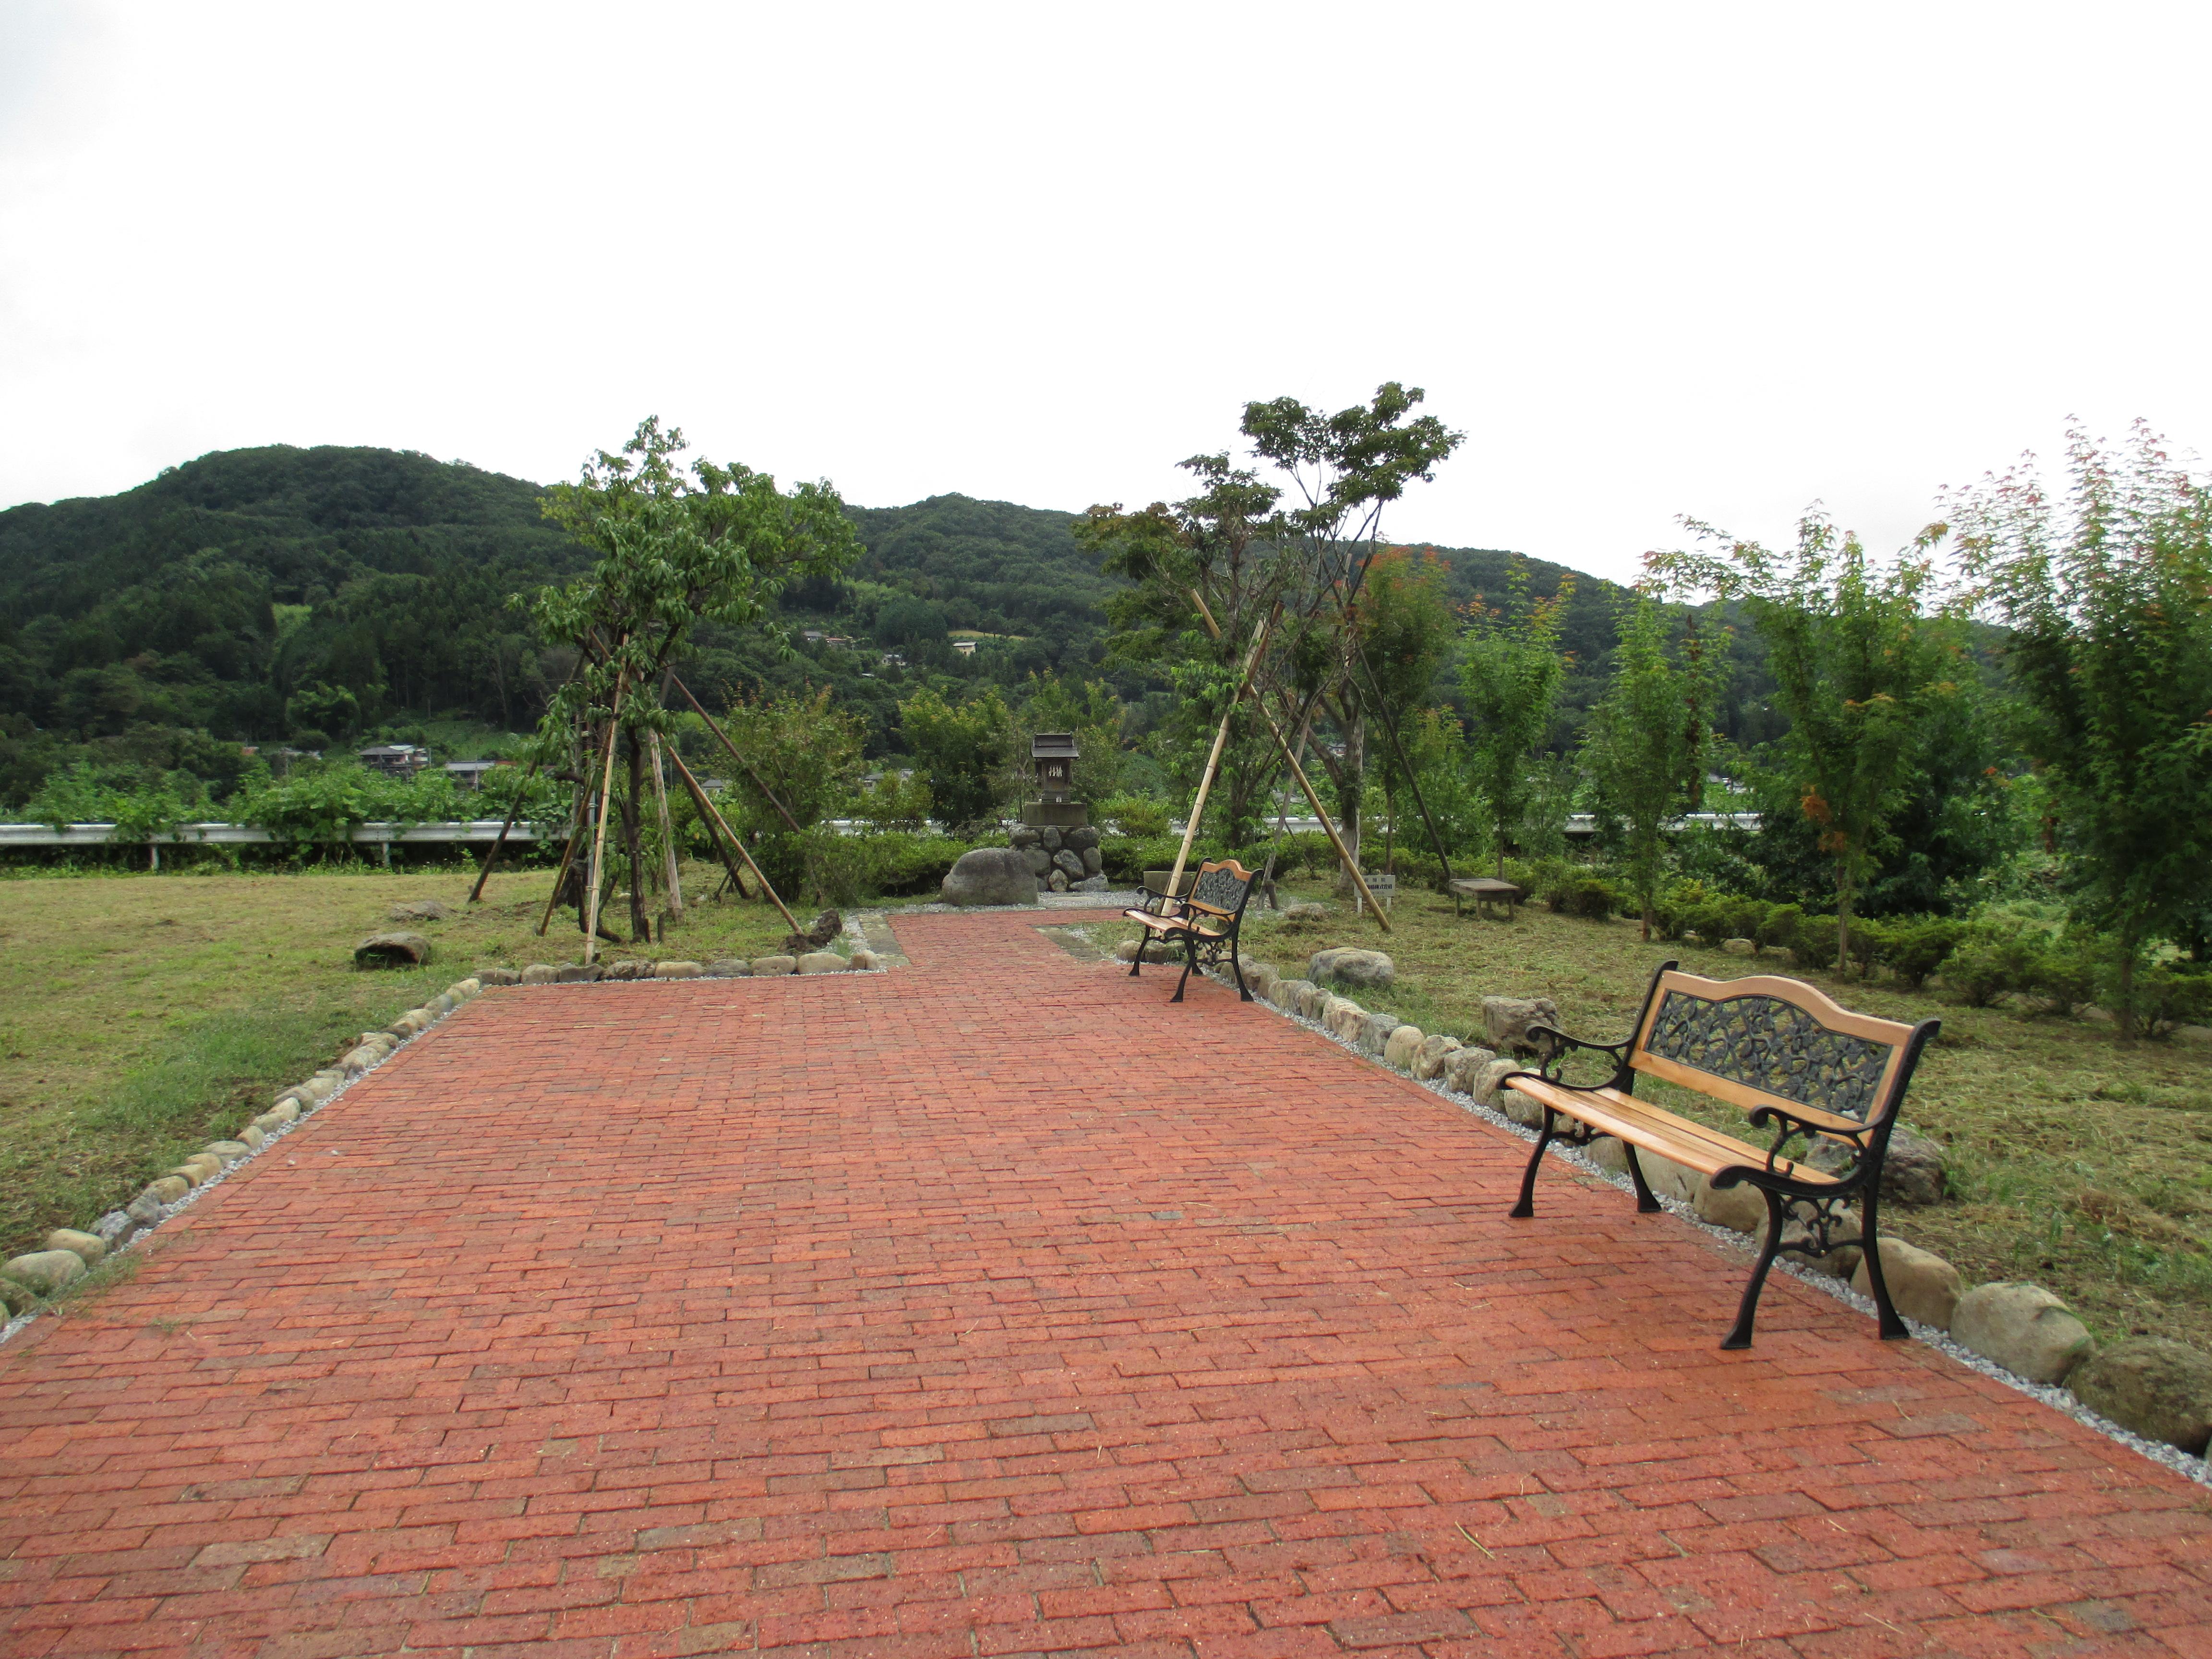 http://chichibu-med.jp/news/IMG_0423.JPG